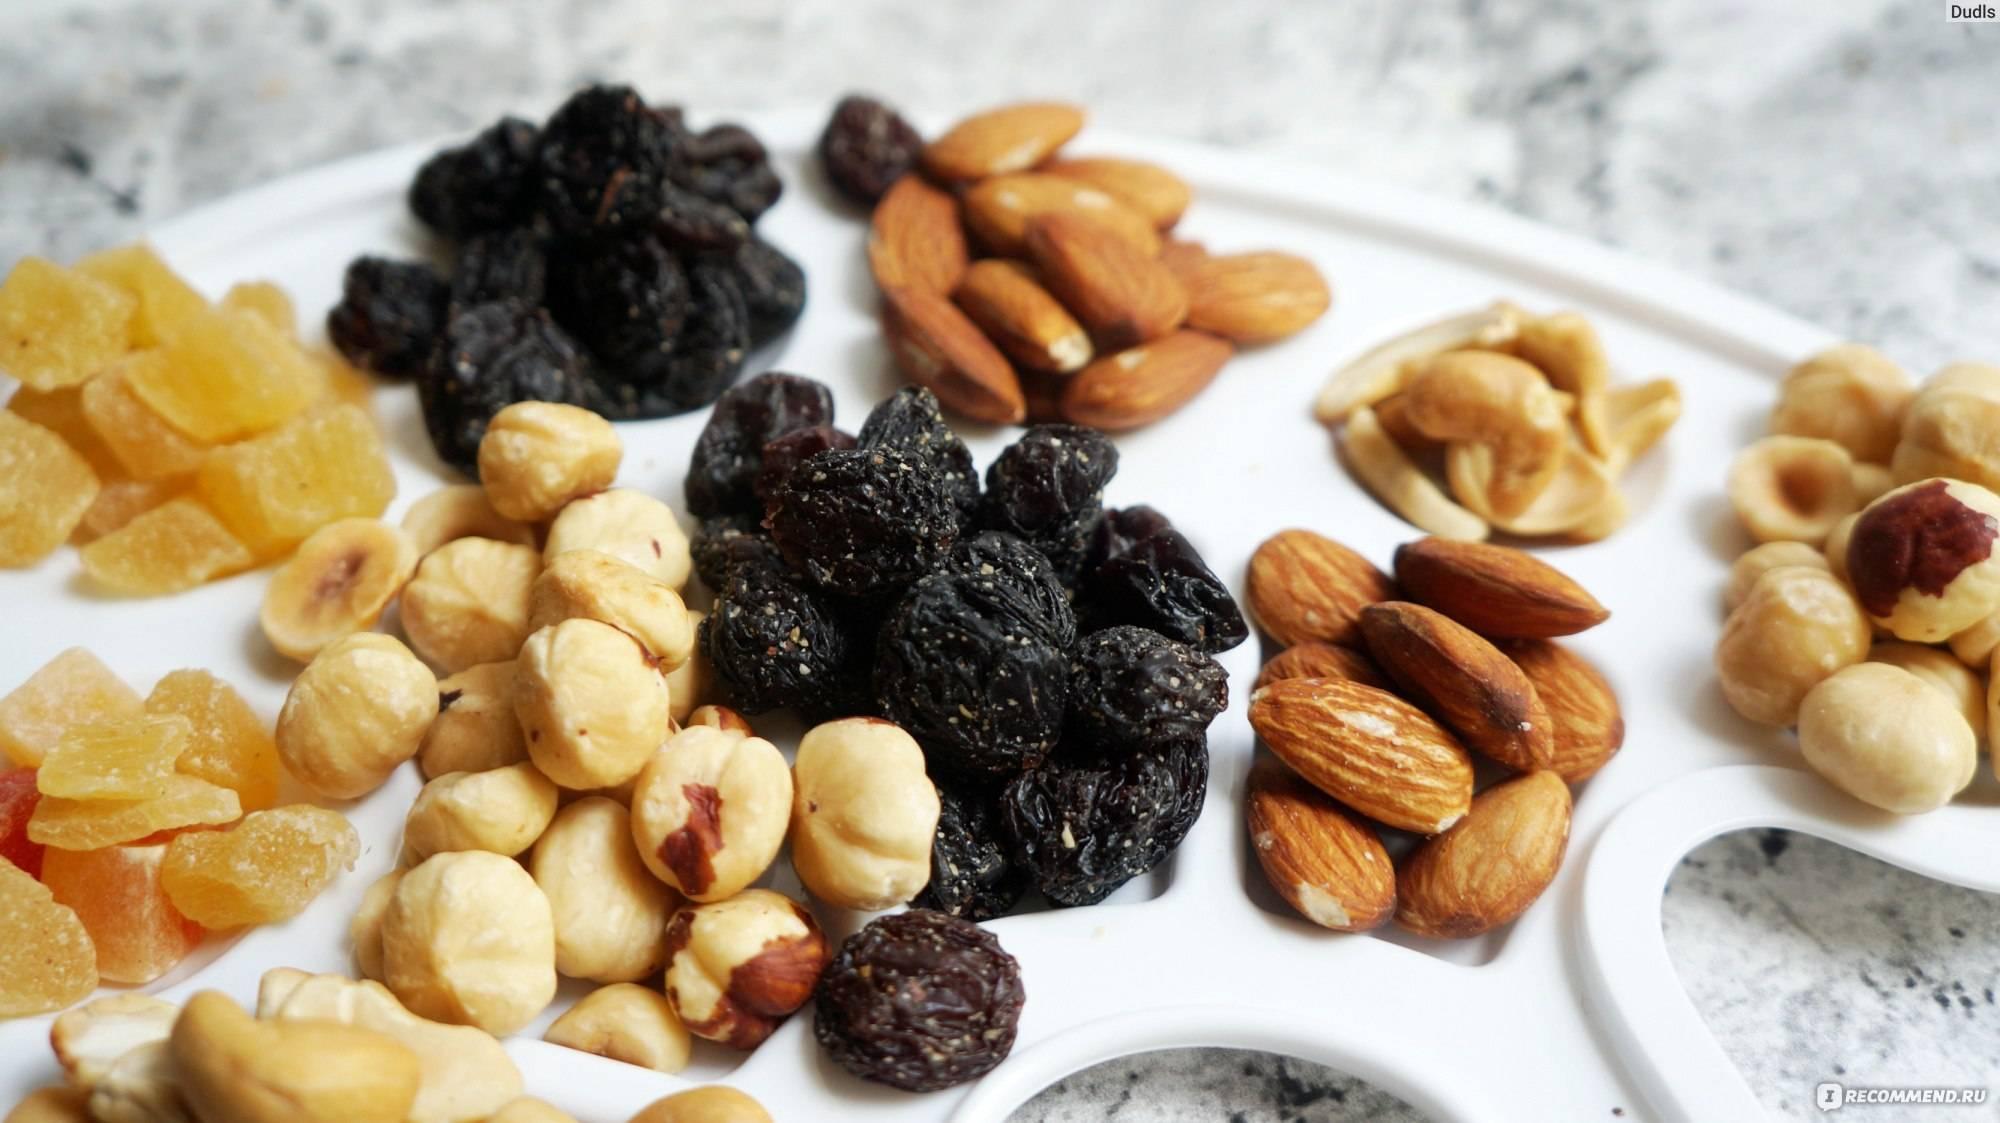 Лучшие орехи для похудения и сколько их можно есть